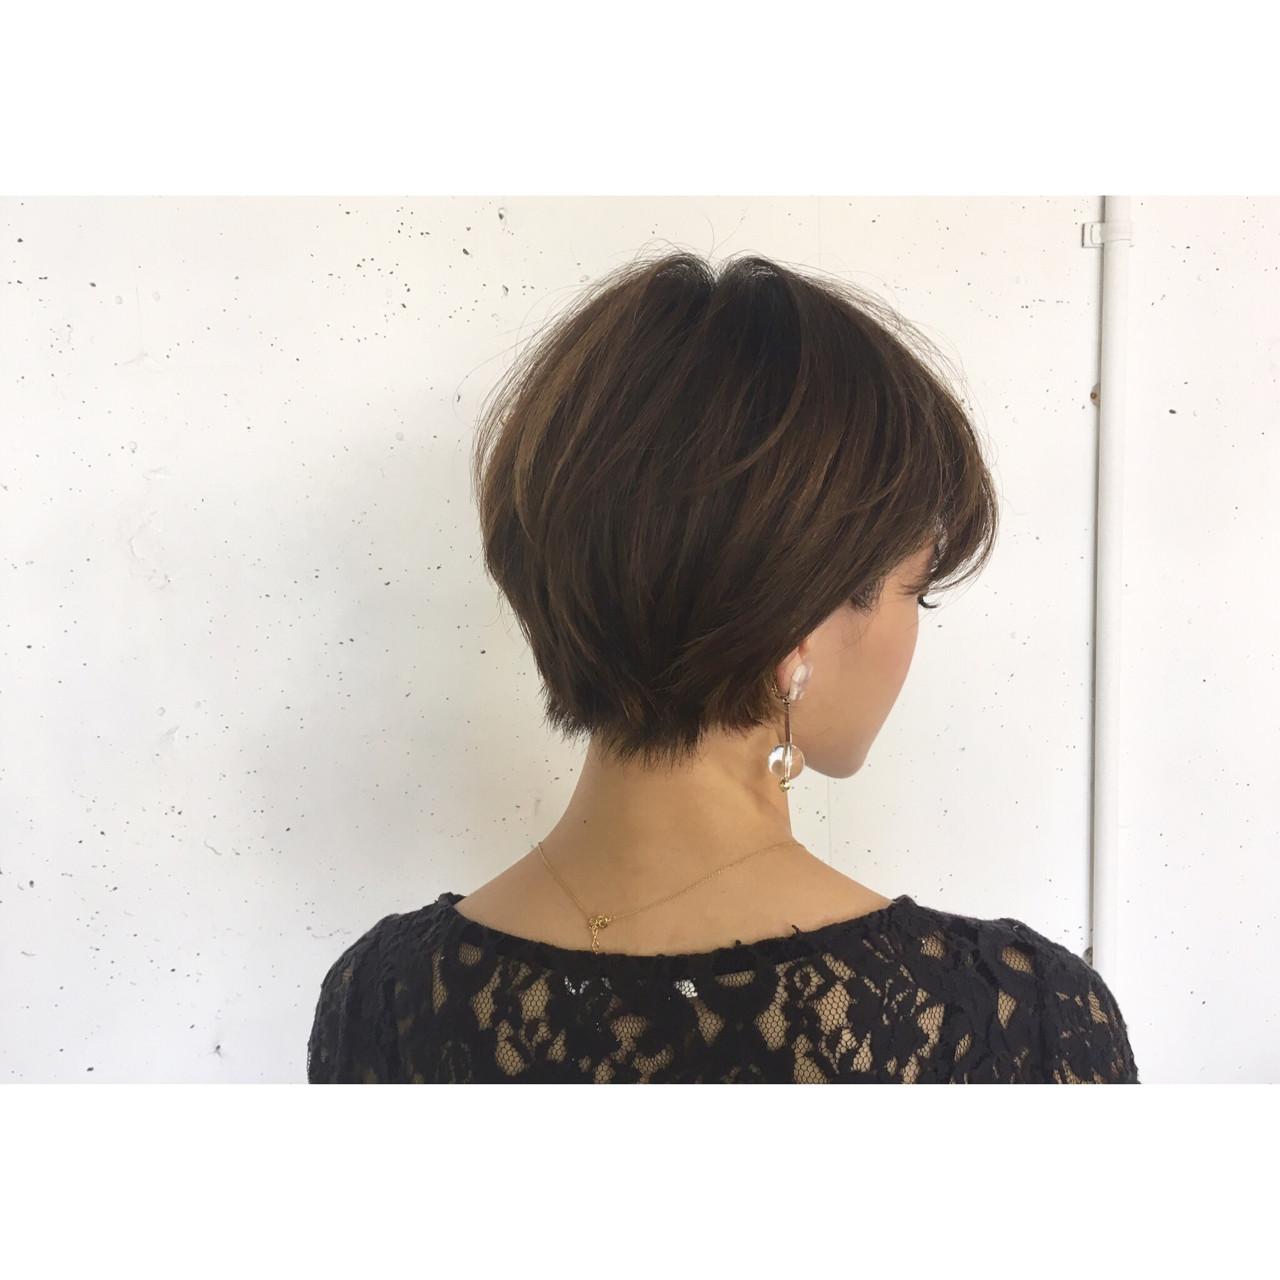 ハンサム リラックス ショート かっこいい ヘアスタイルや髪型の写真・画像 | 森下佳哲 / lufun hair design